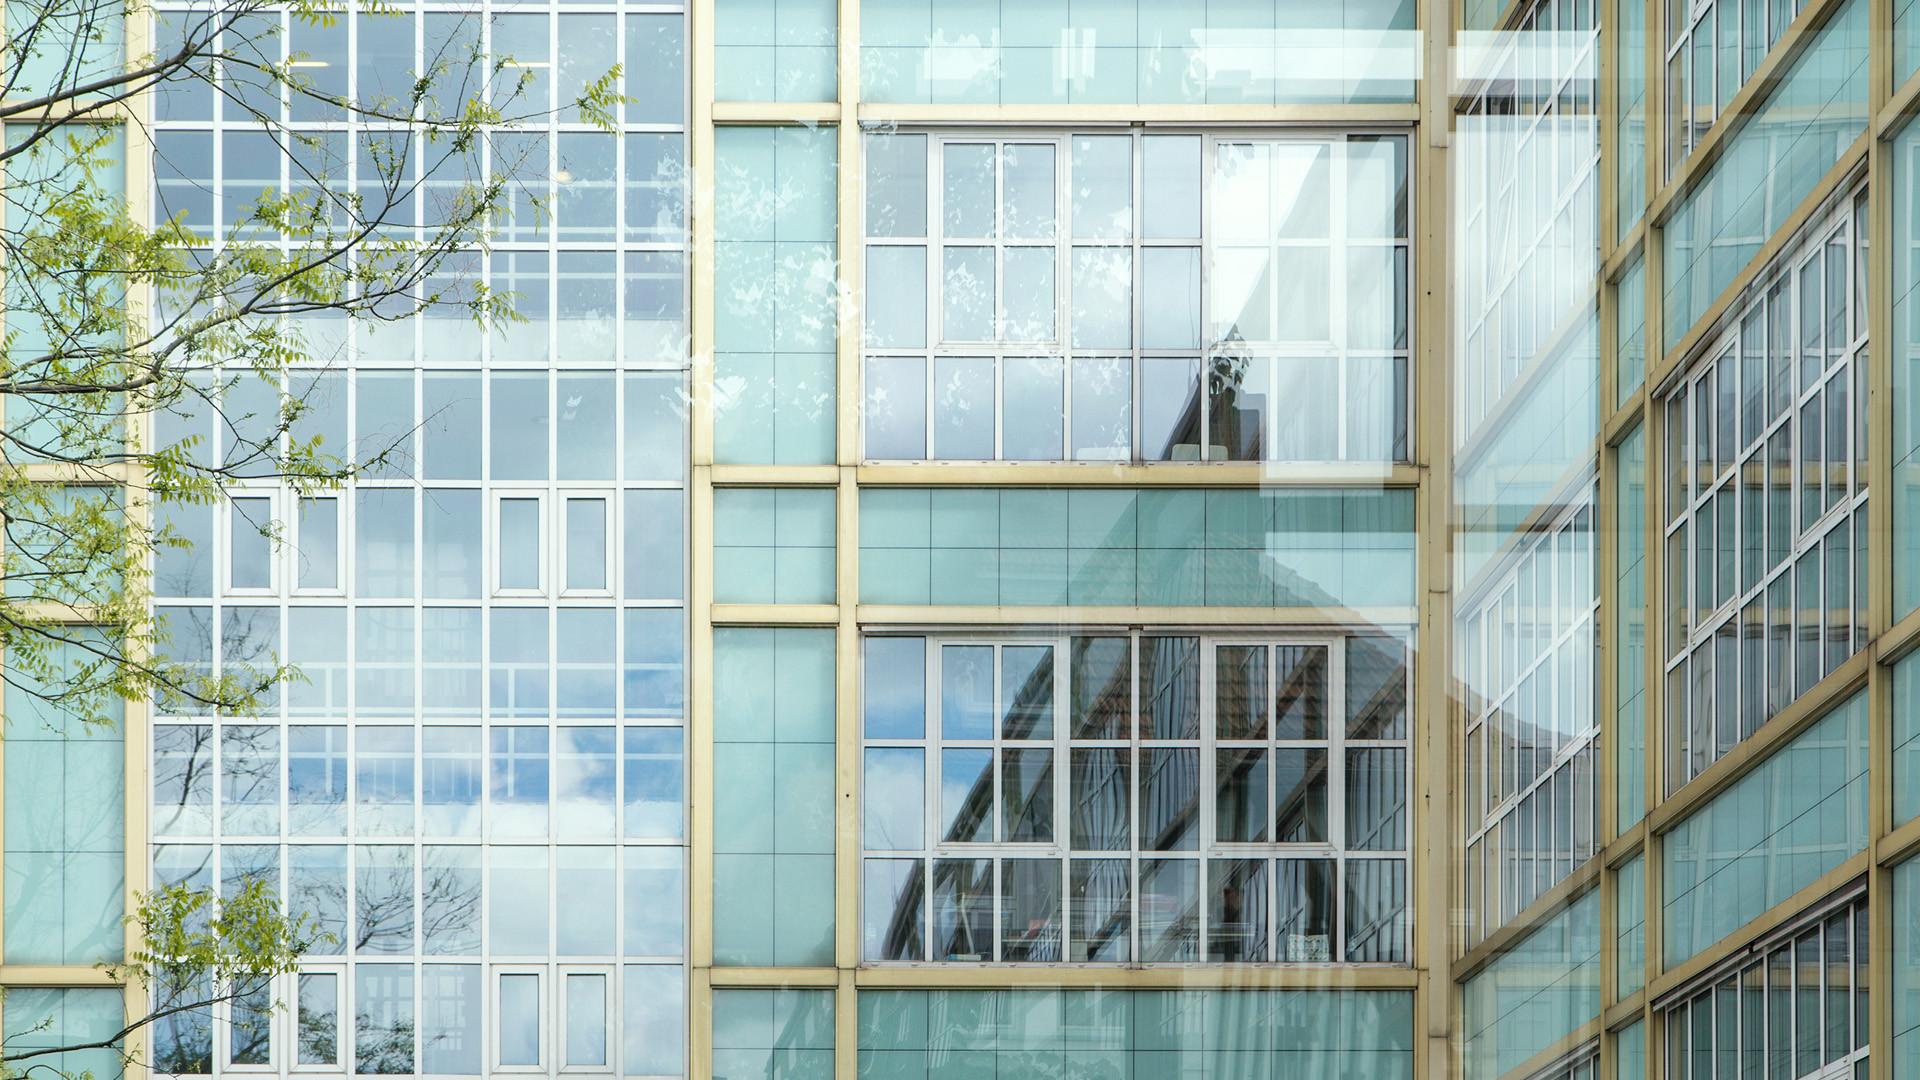 6 Gründe für Ehrenfeld: Zwischen Industrieromantik, Dönerduft und NEO Magazin Royale